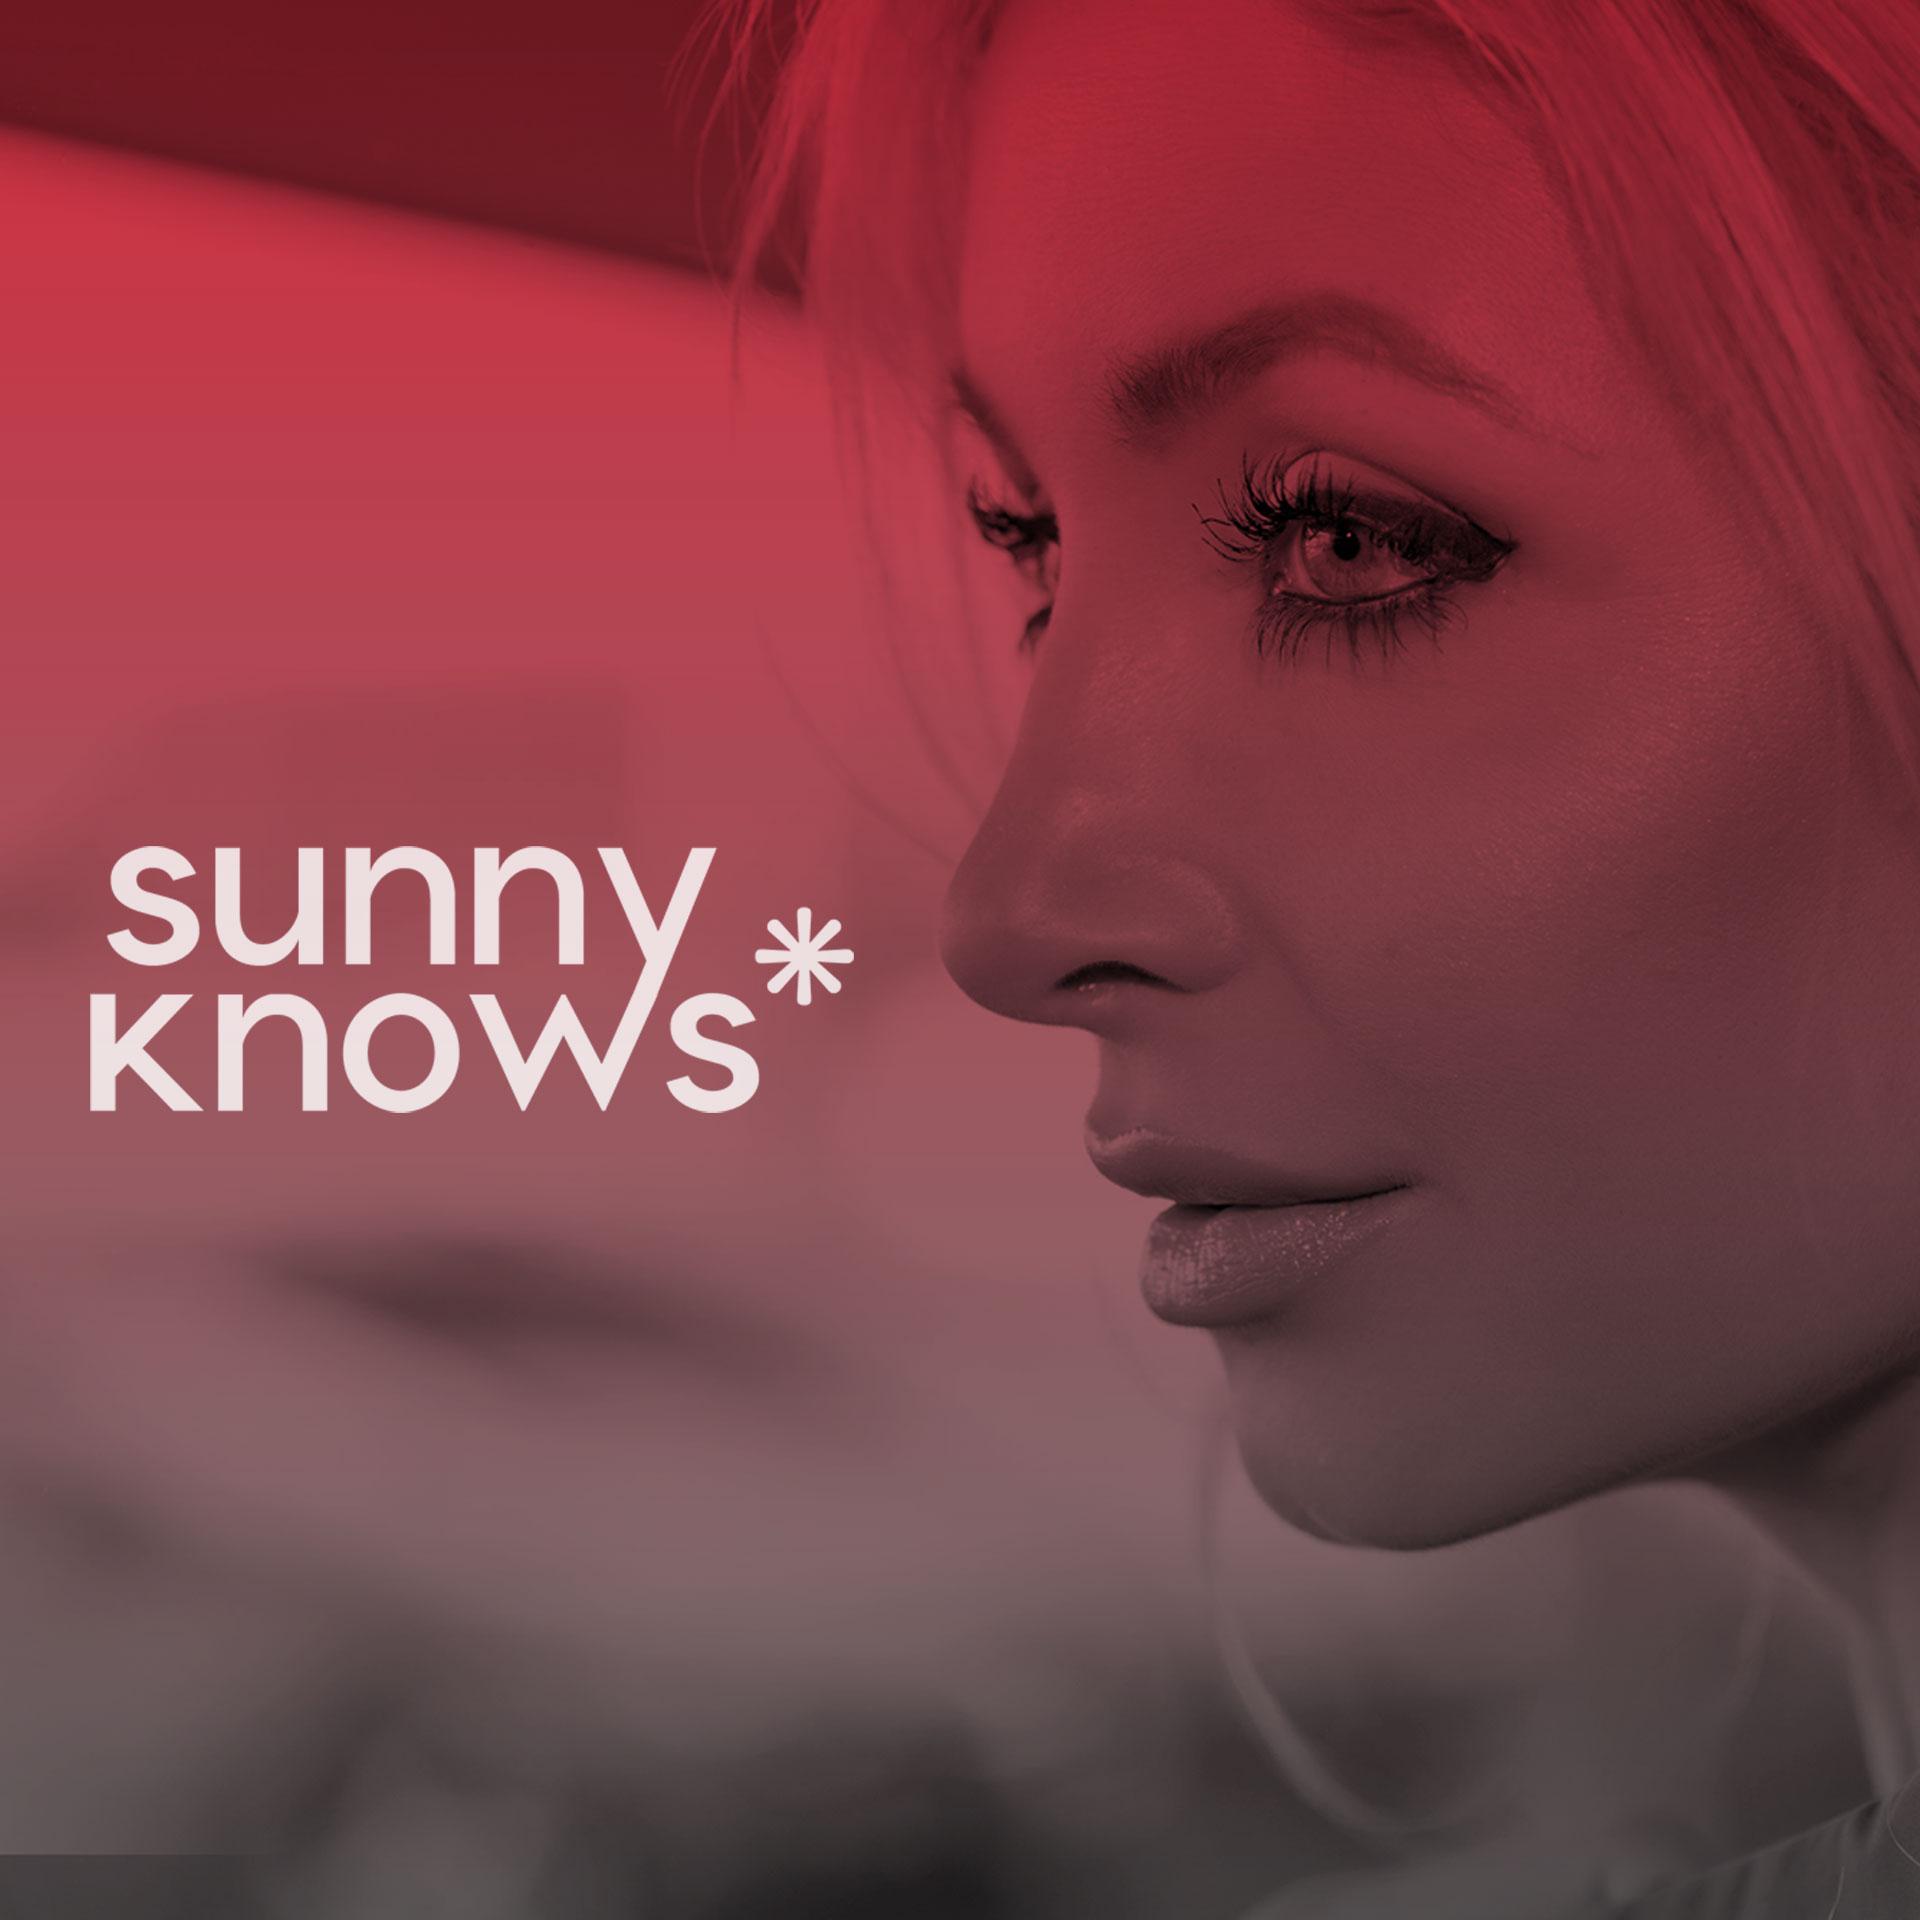 SunnyKnows*